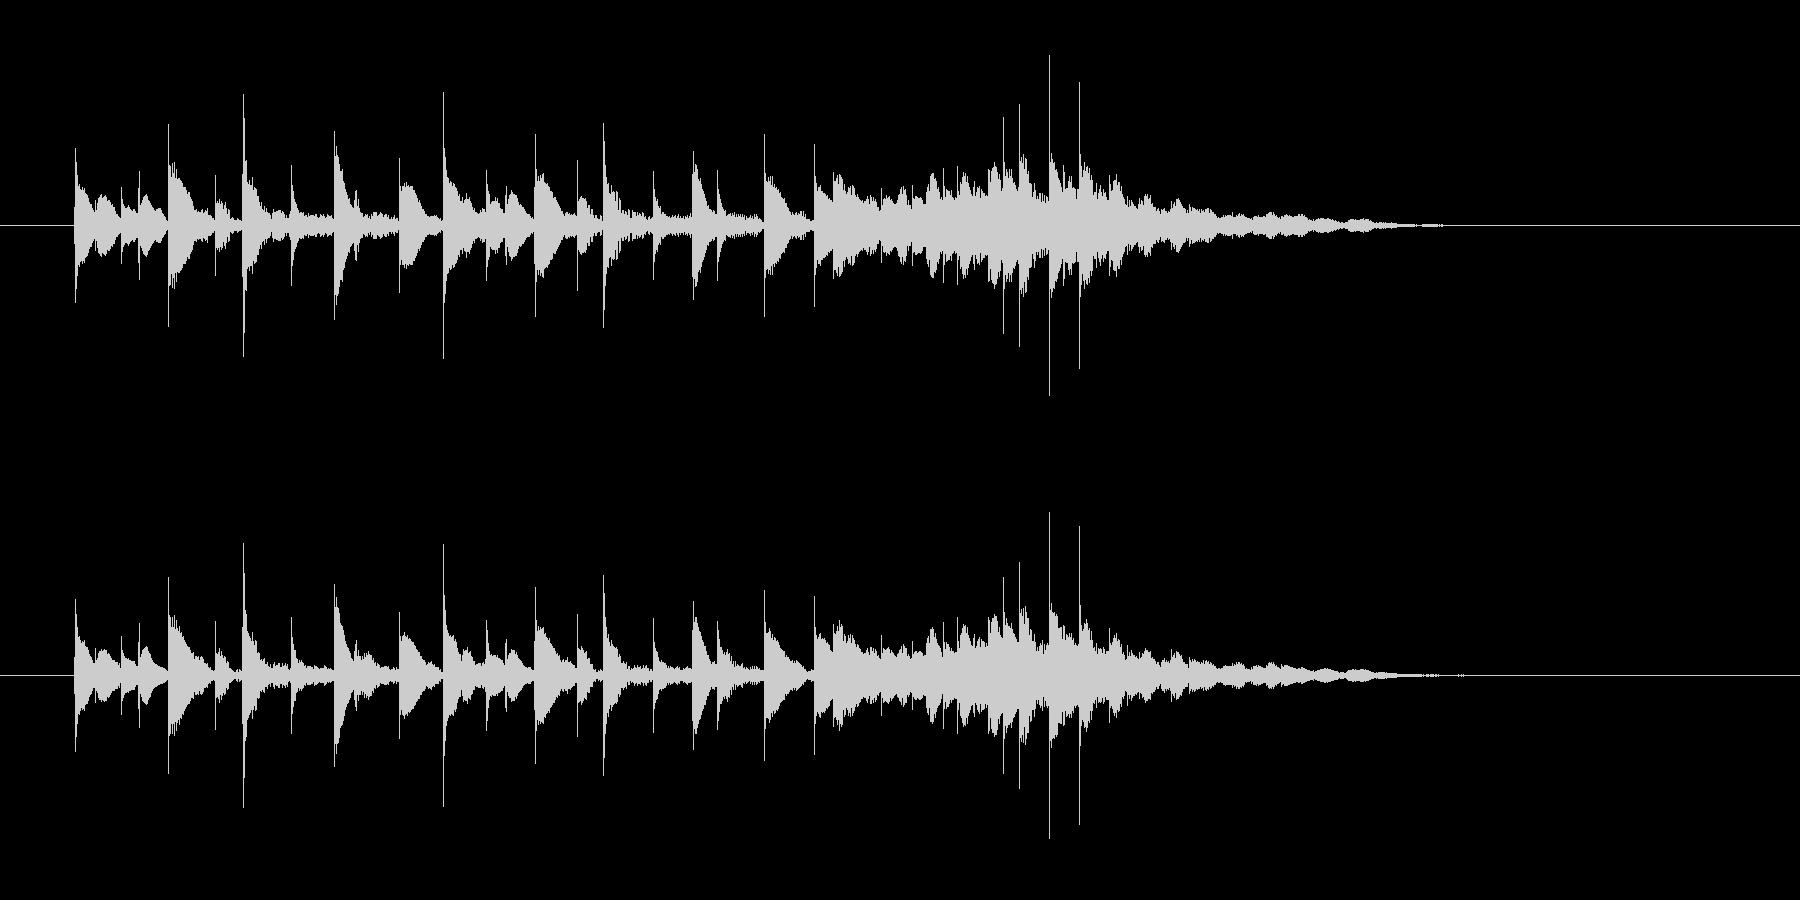 軽やか打楽器音(南国、トロピカル)の未再生の波形